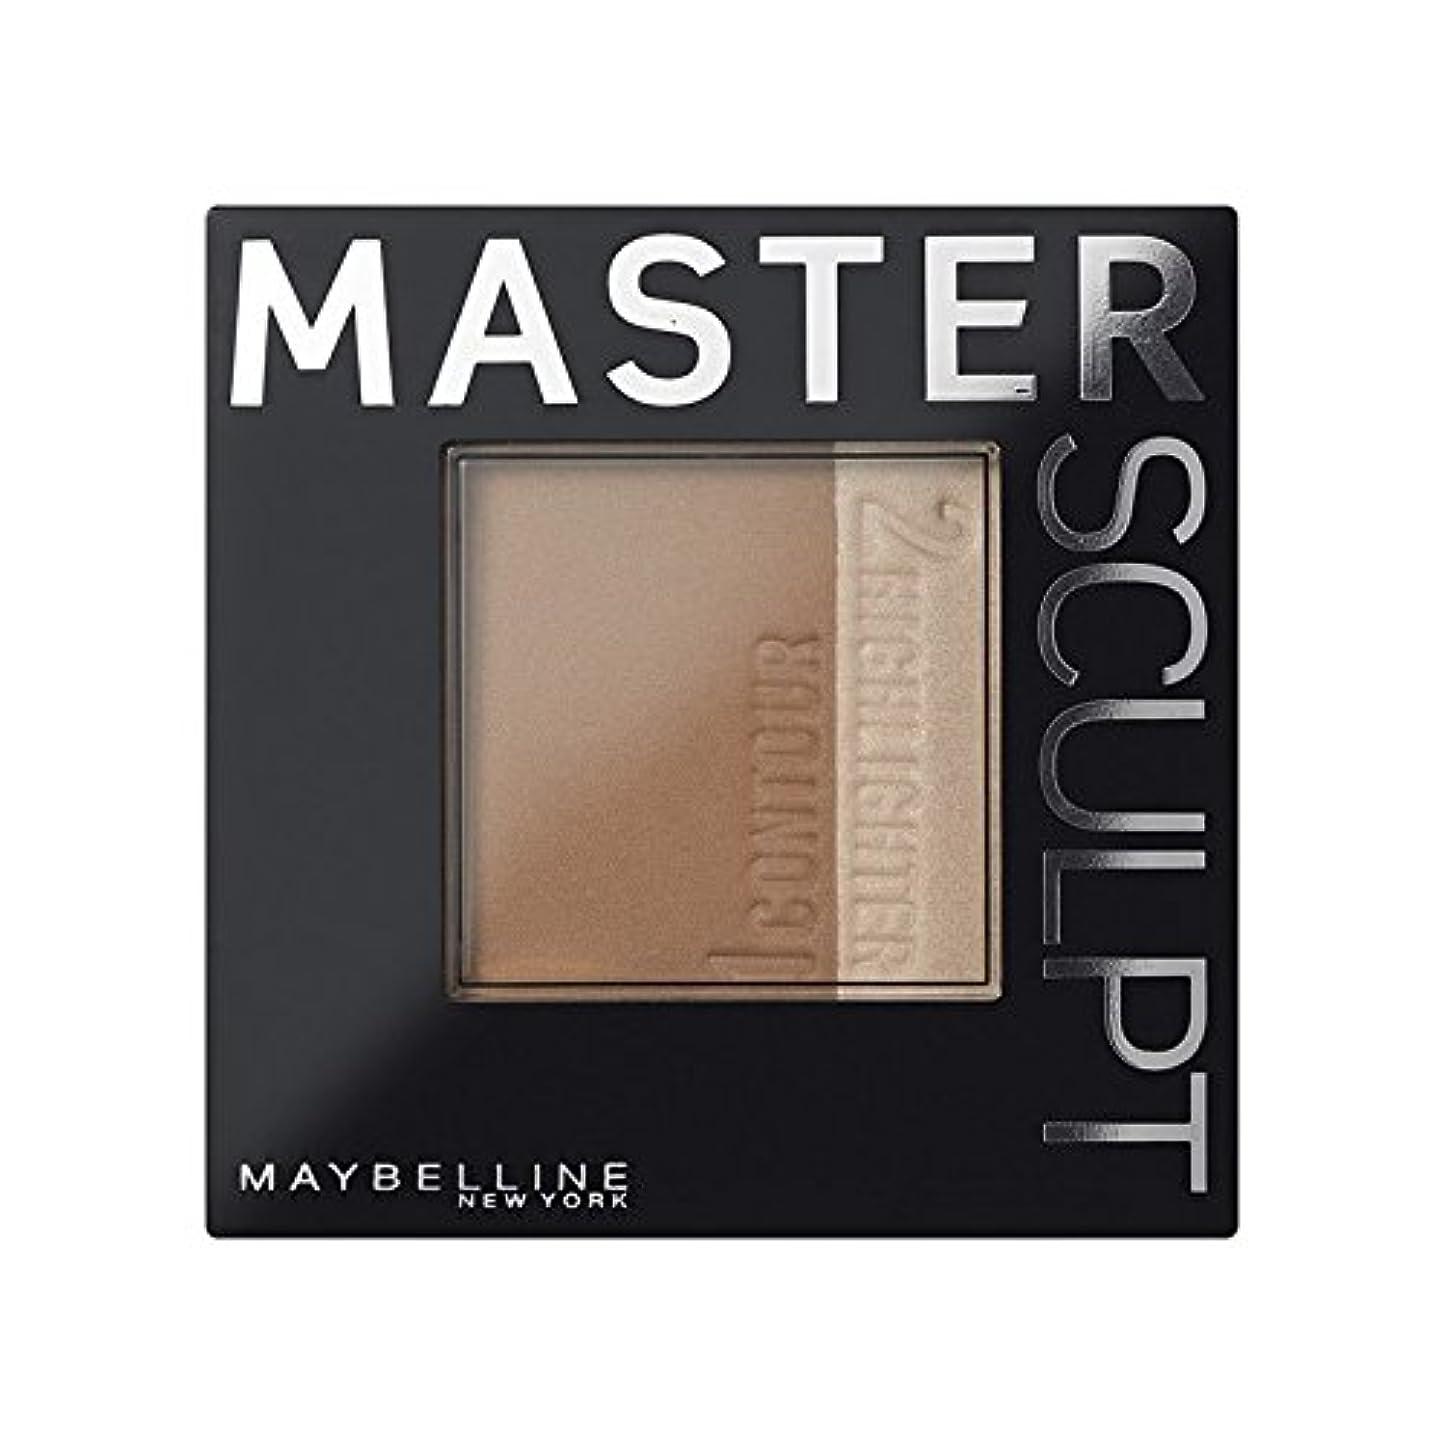 叫ぶ壊れたフレッシュMaybelline Master Sculpt Contouring Foundation 01 Light/Med (Pack of 6) - 土台01光/ を輪郭メイベリンマスタースカルプト x6 [並行輸入品]